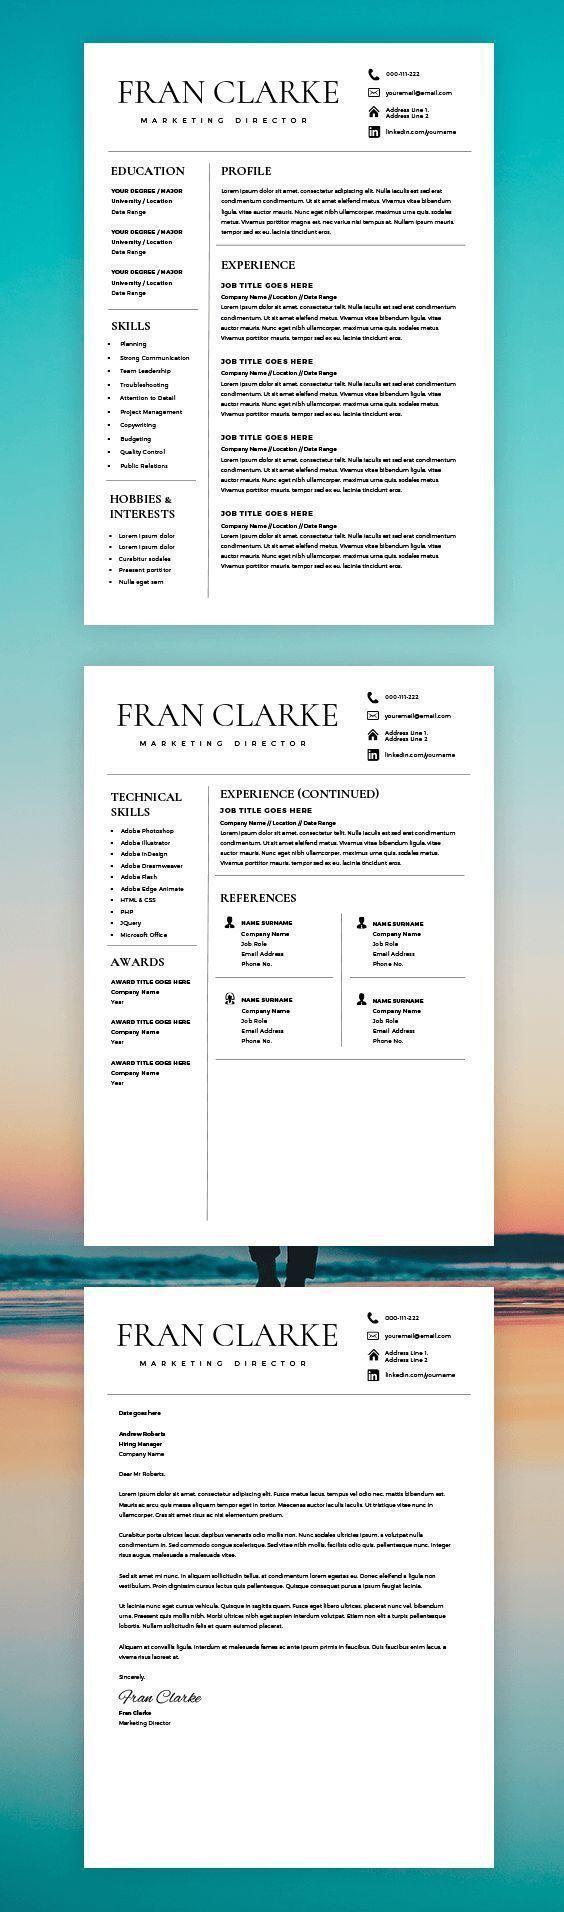 Best Cv  Resume Design Images On   Best Cv